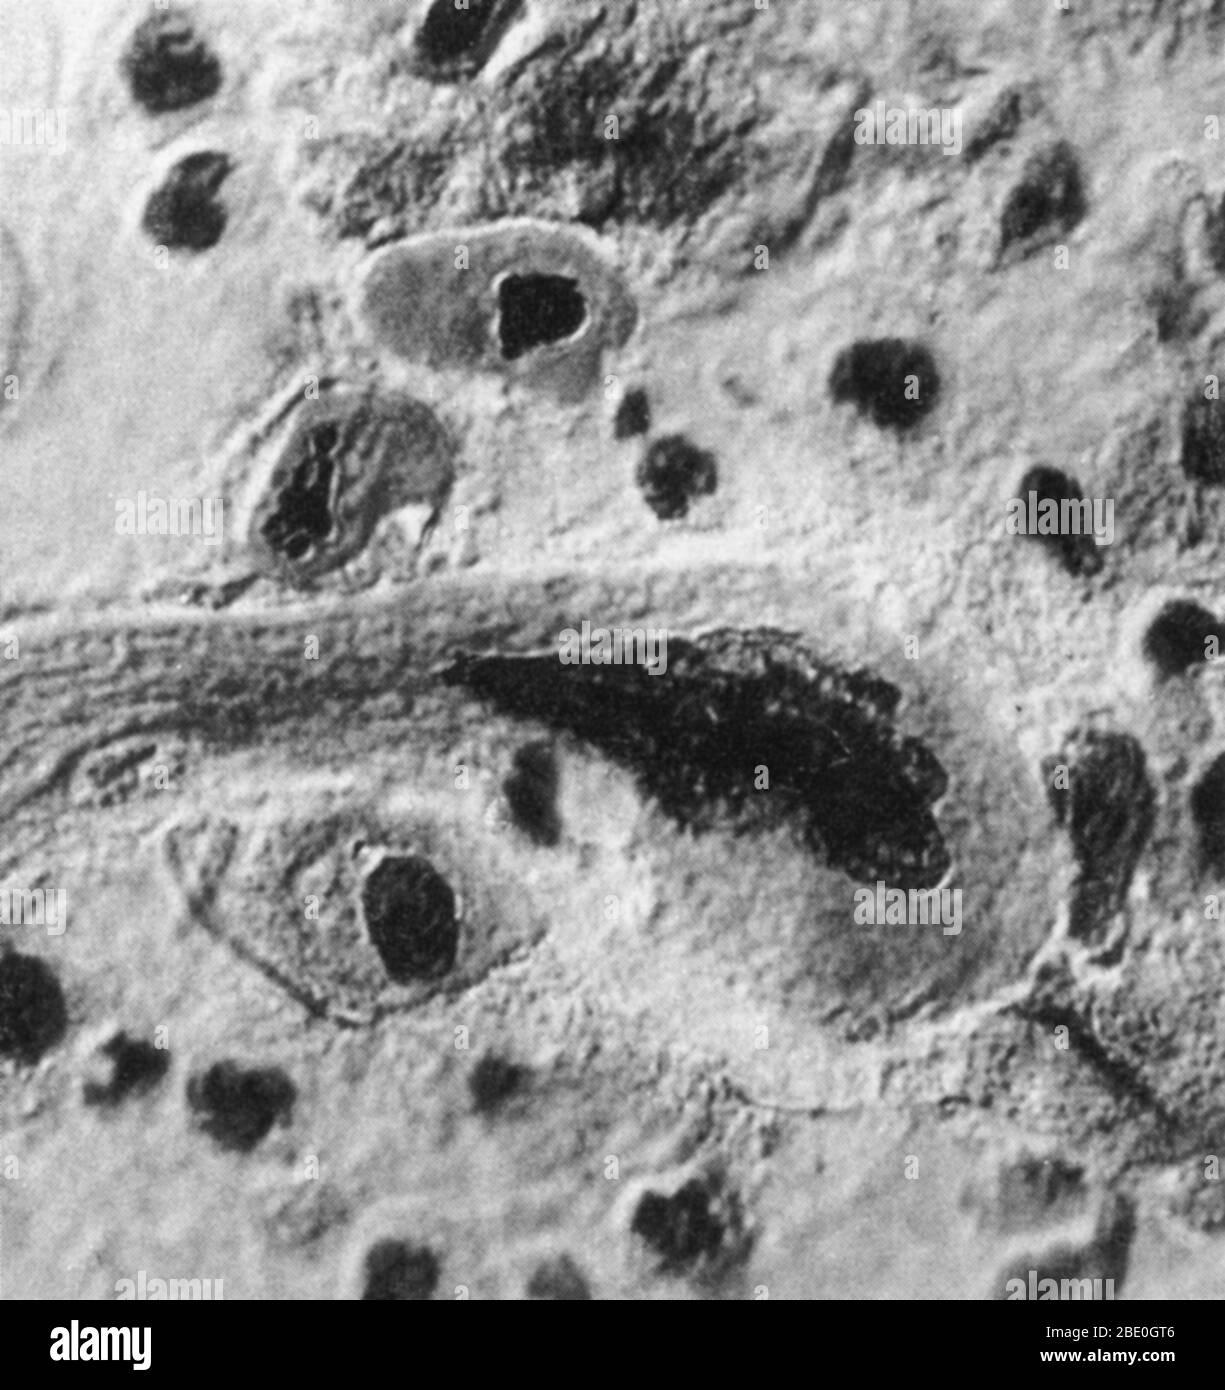 Micrográfico que muestra células de cáncer de pulmón avanzado. Las células enfermas están deformadas e hinchadas. Foto de stock